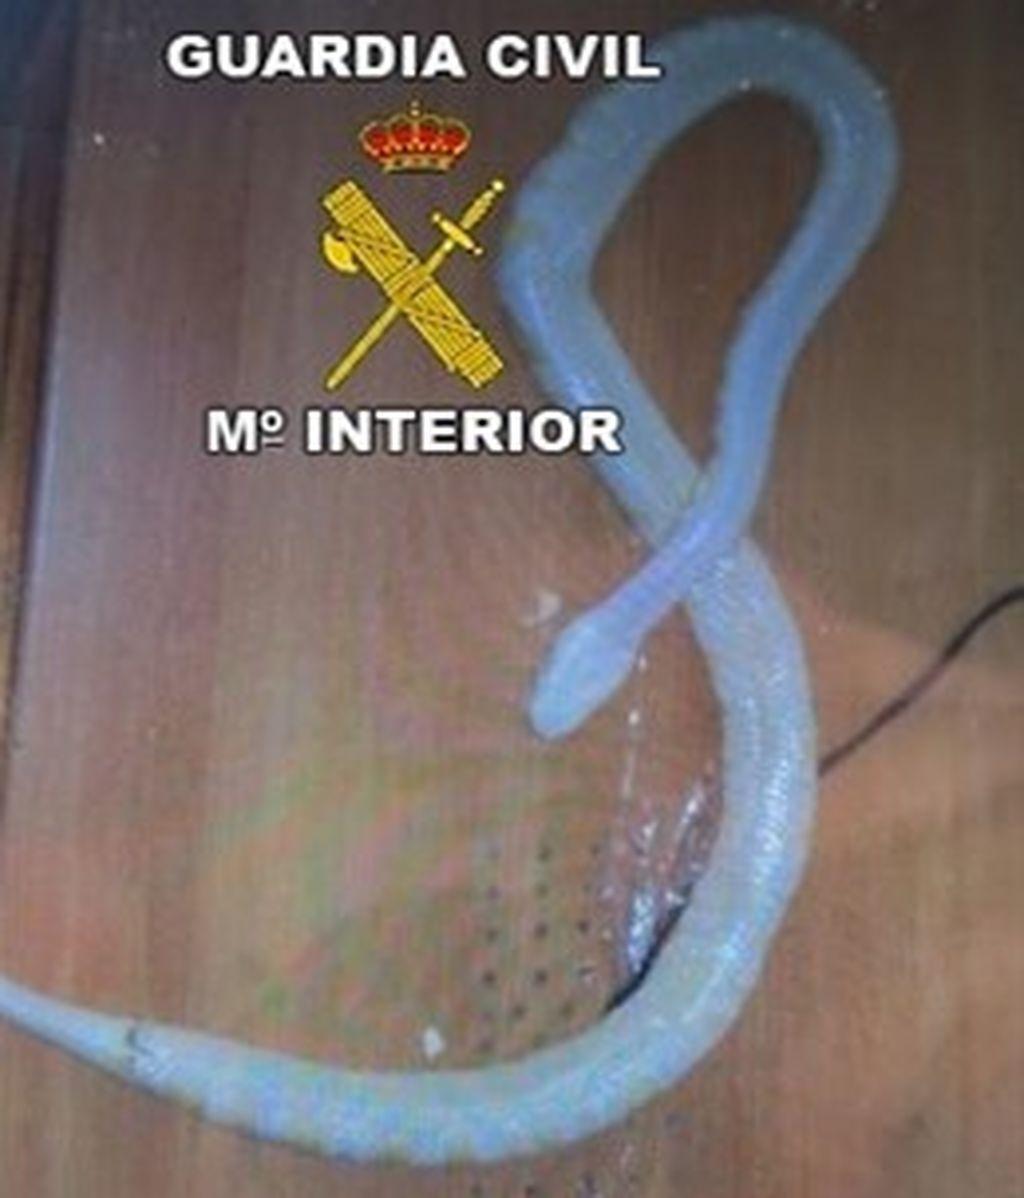 Investigado por vender por internet una serpiente pitón que llegó muerta